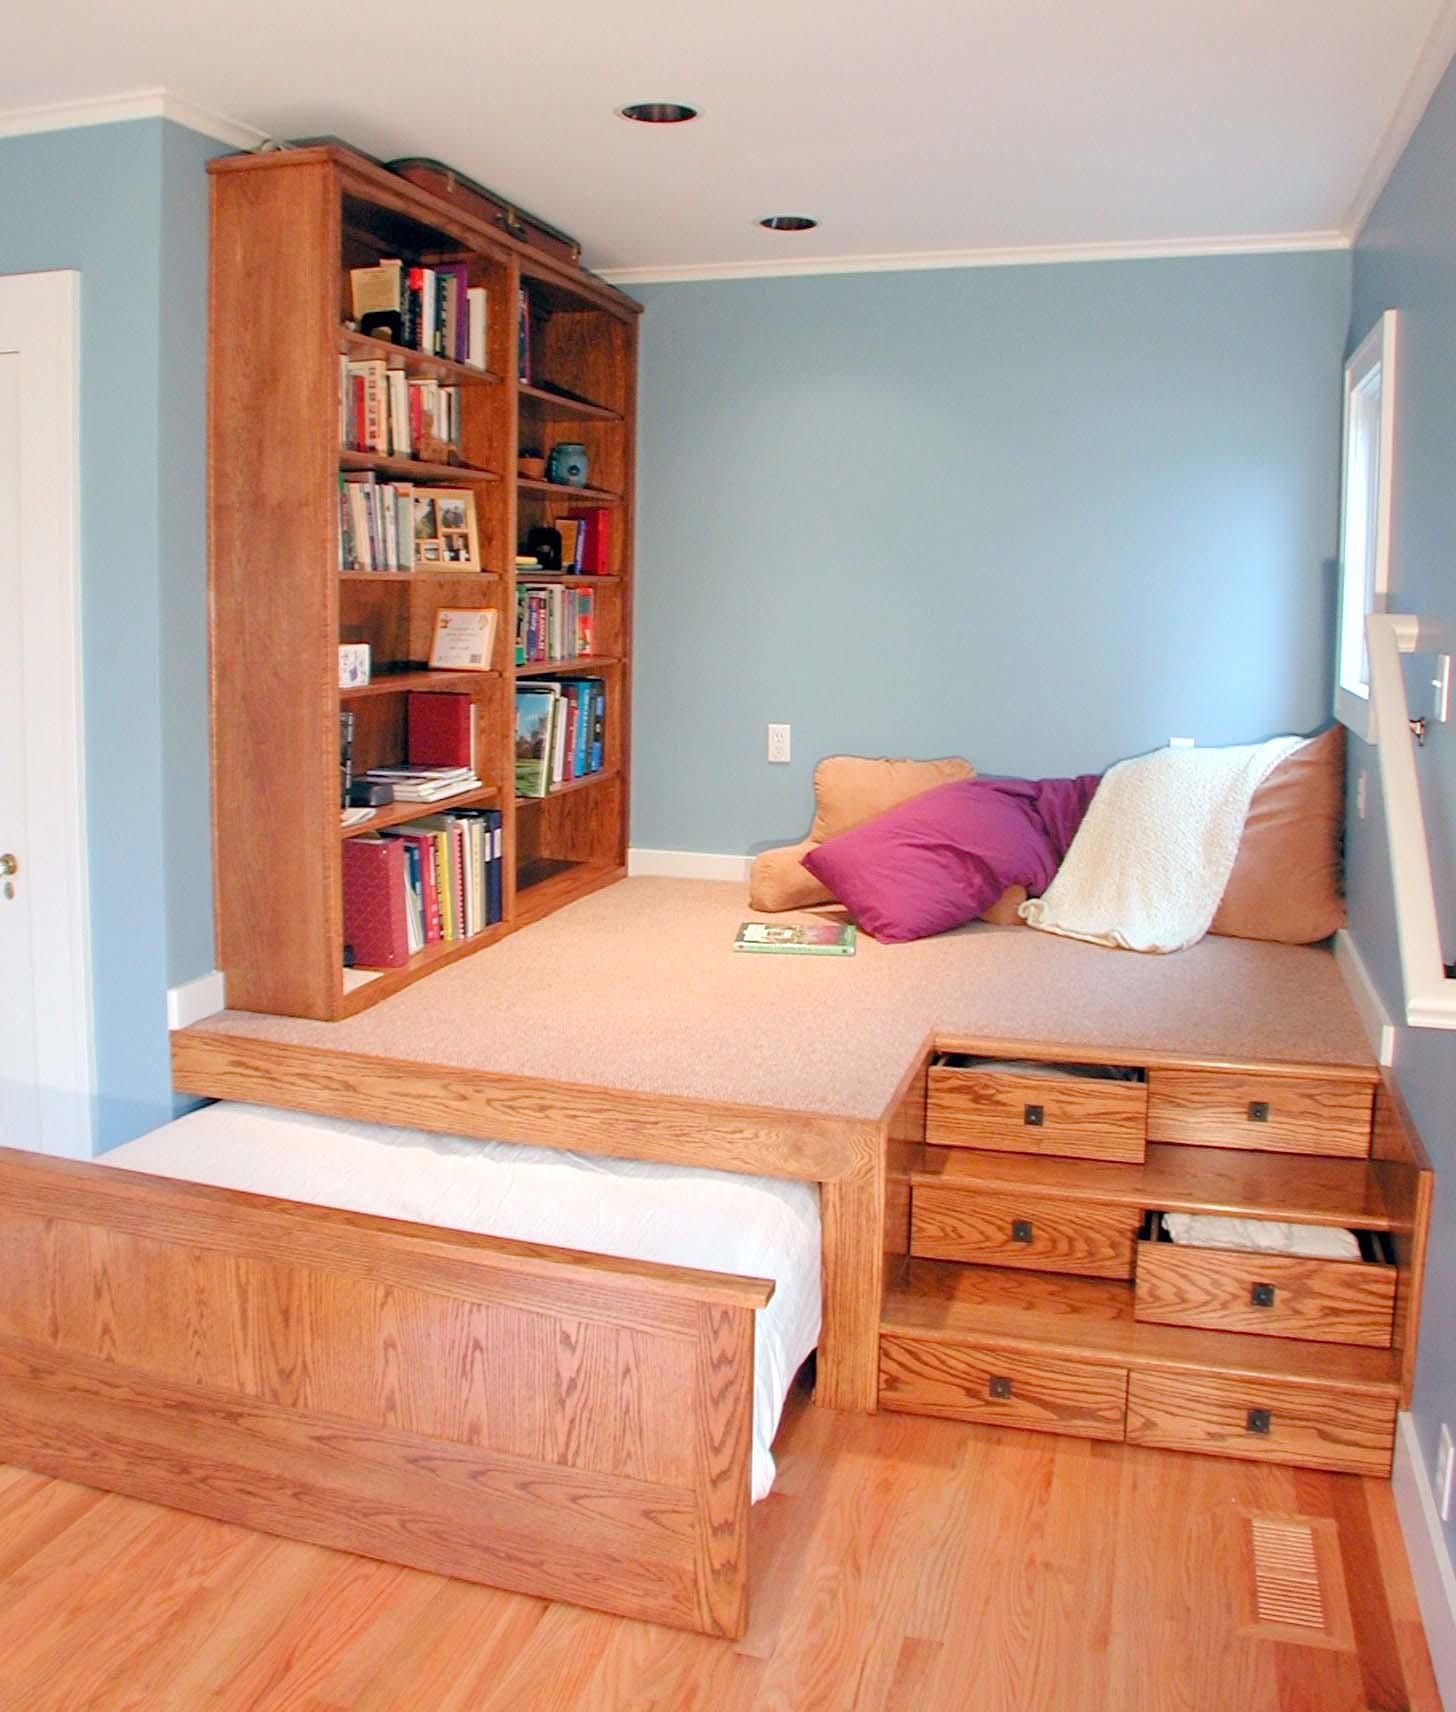 Как сделать мебель для квартиры своими руками